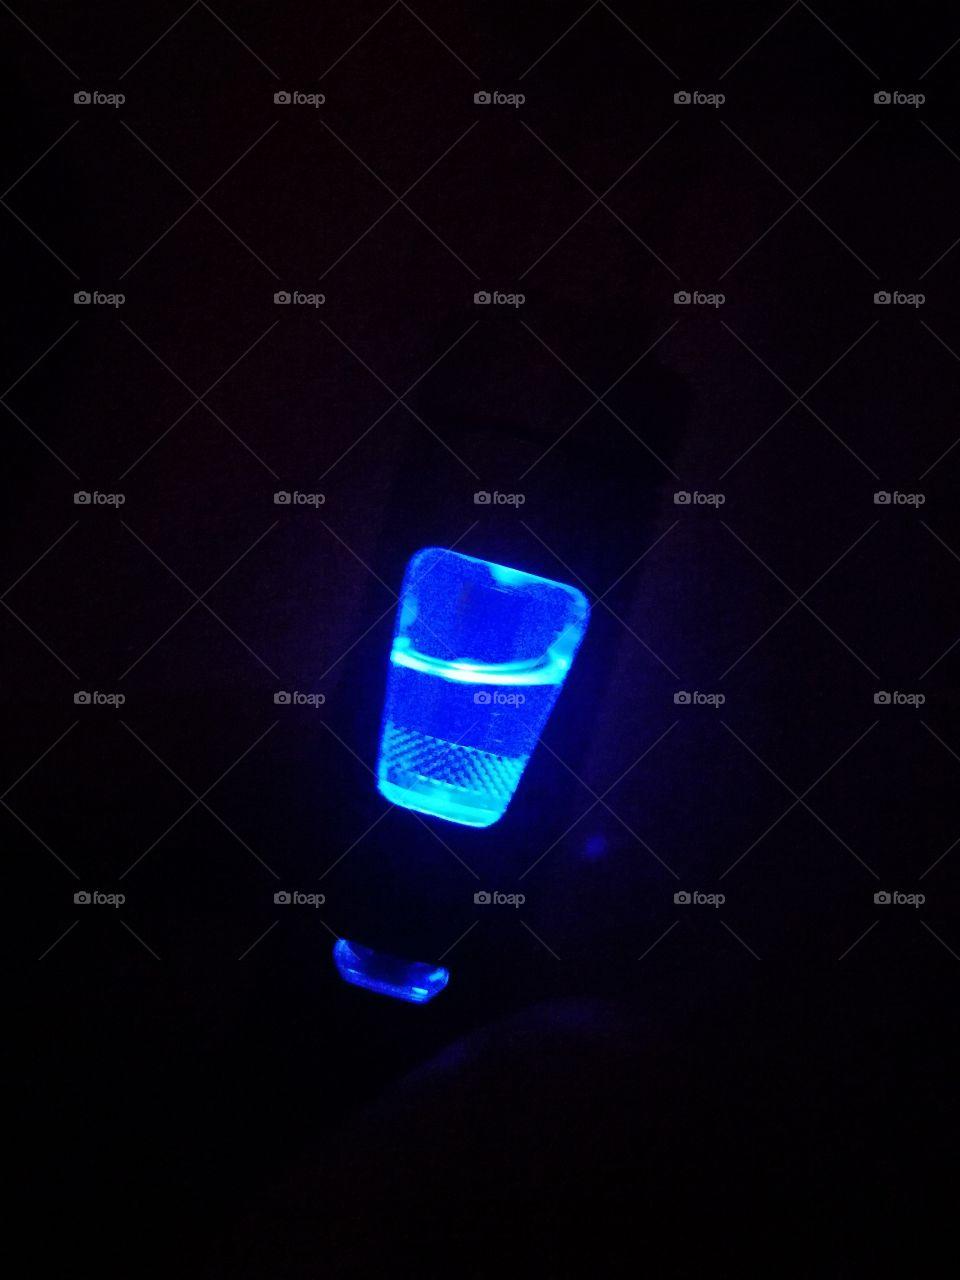 #neon#electroniccigarette#blue